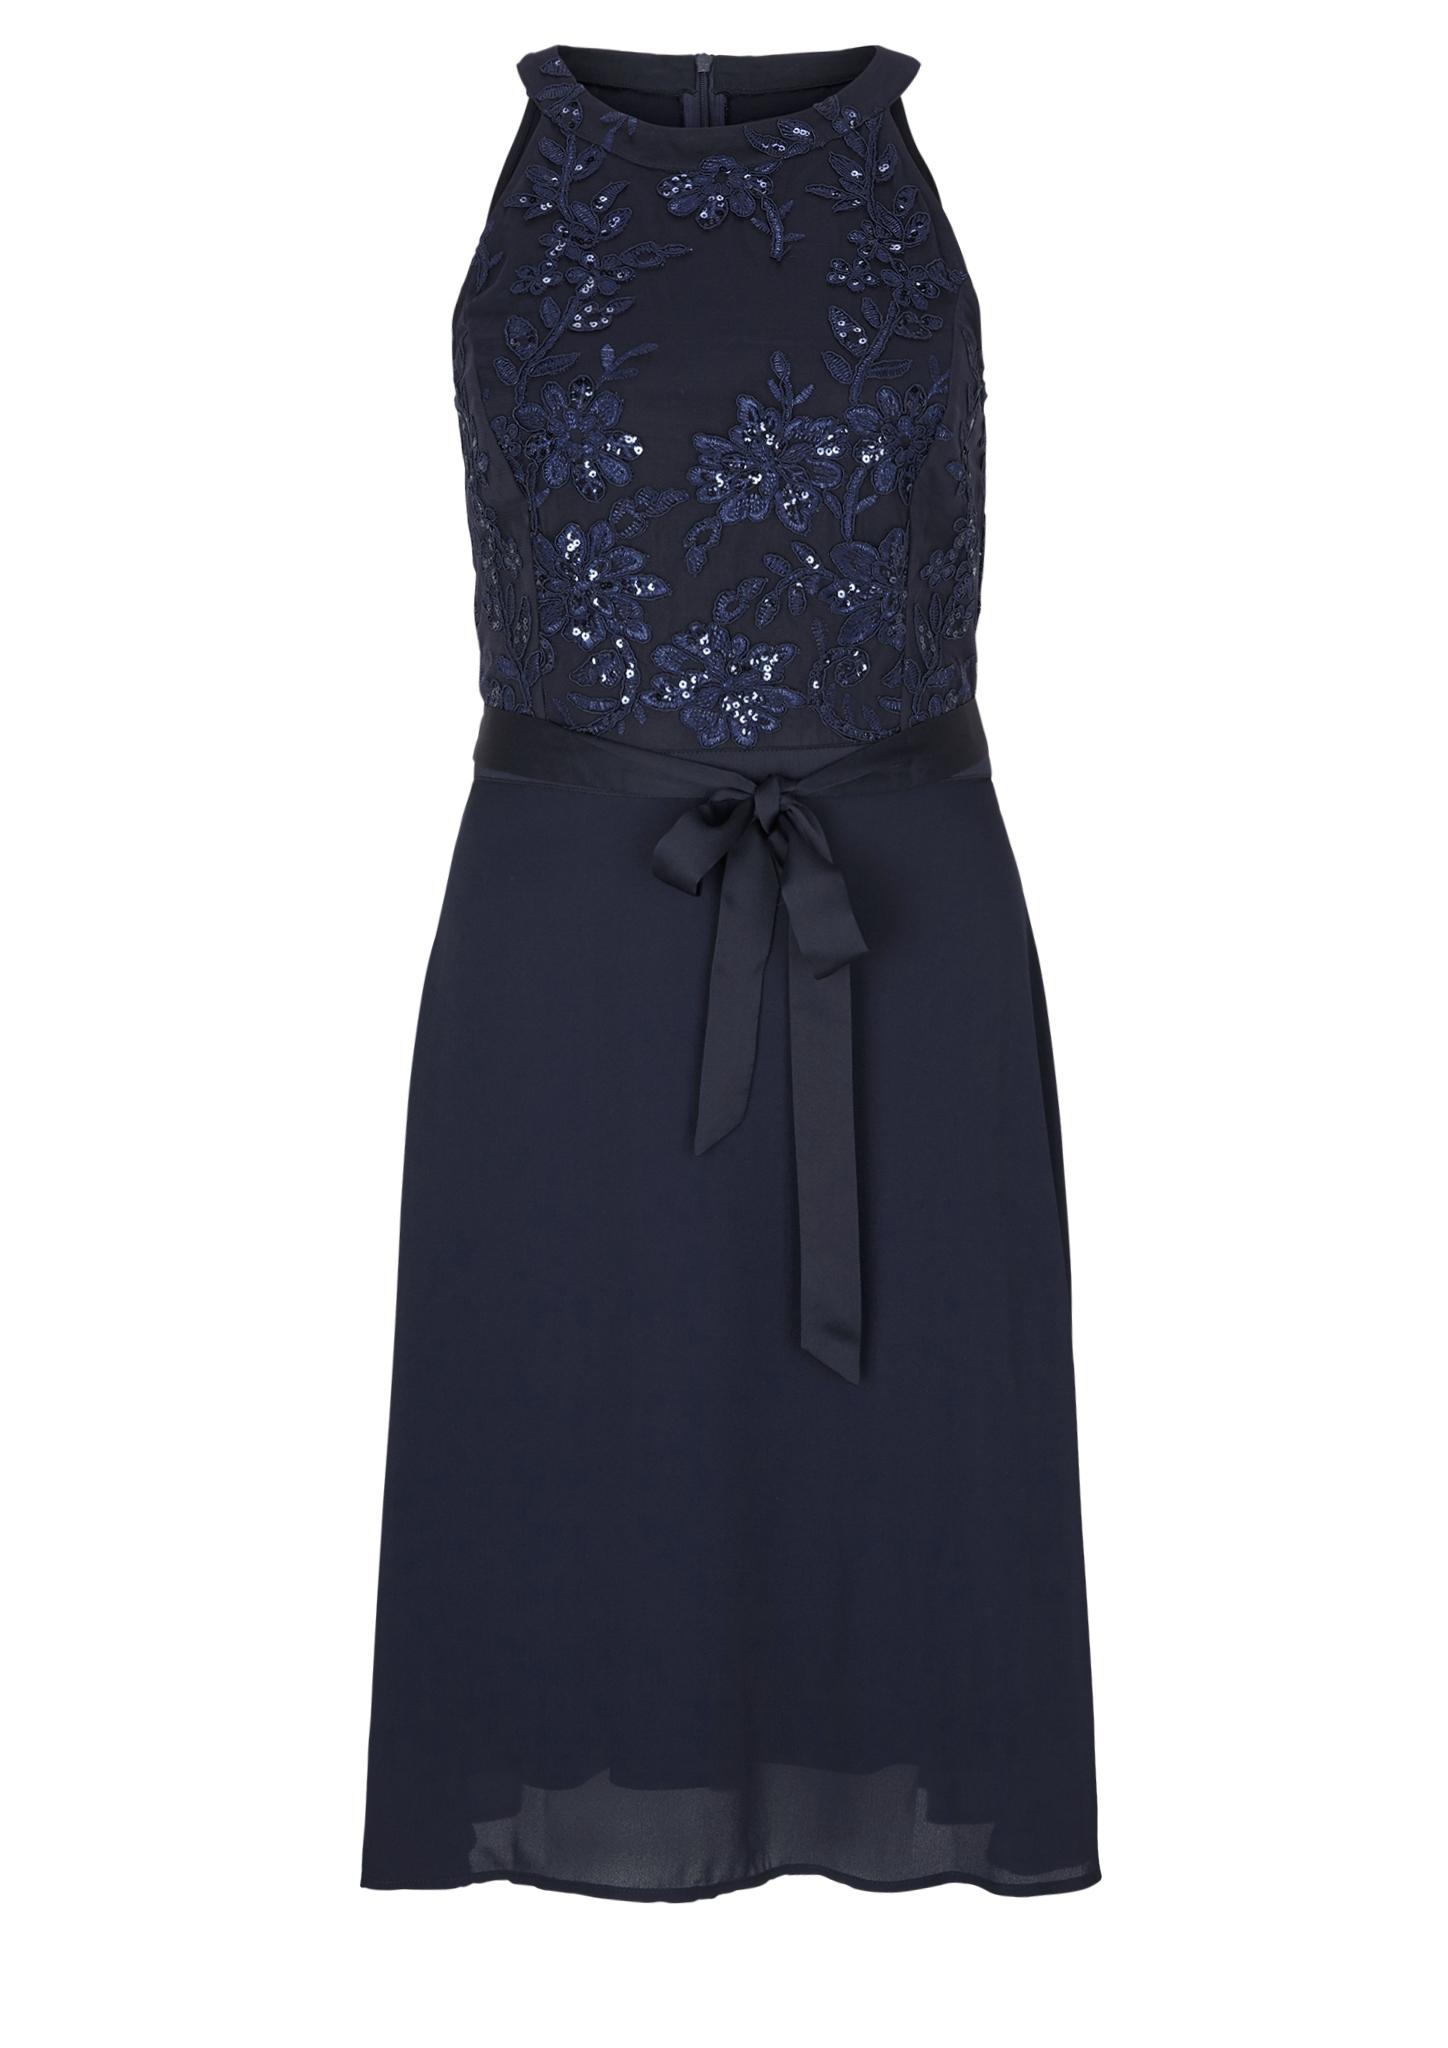 Party-Kleid | Bekleidung > Kleider > Partykleider | Blau | Oberstoff a: 100% polyester| oberstoff b: 100% polyamid| futter: 100% polyester | s.Oliver BLACK LABEL